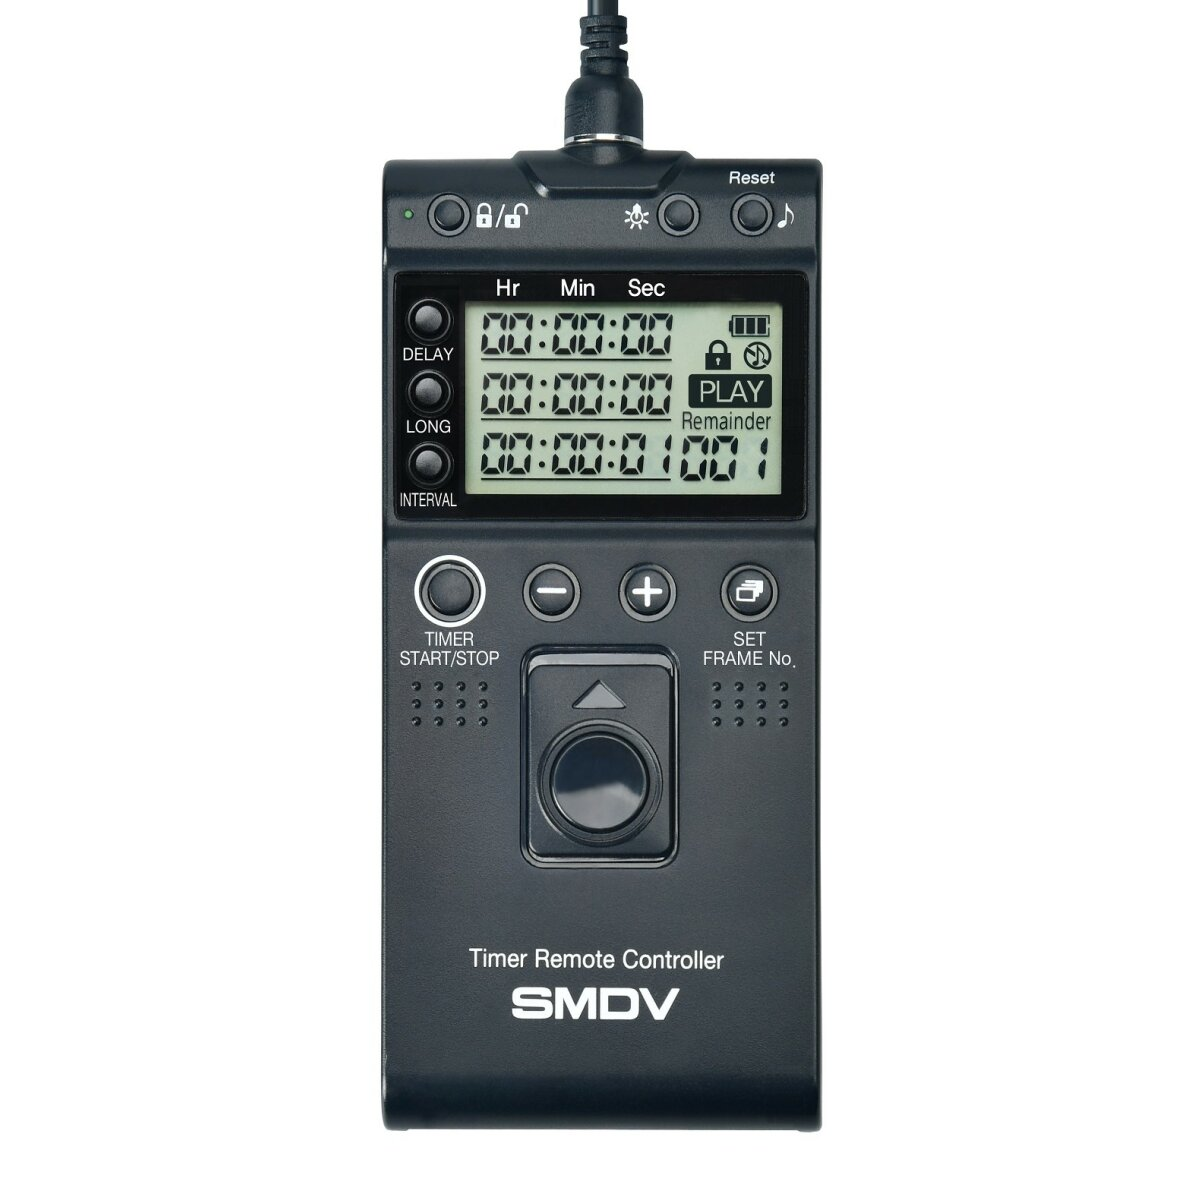 Impulsfoto SMDV Timer Fernauslöser, Kompatibel mit Sony Kameras, Kabelauslöser mit Timer- und Intervallfunktion Langzeitbelichtung - Ersatz für RM-VPR1 - T813